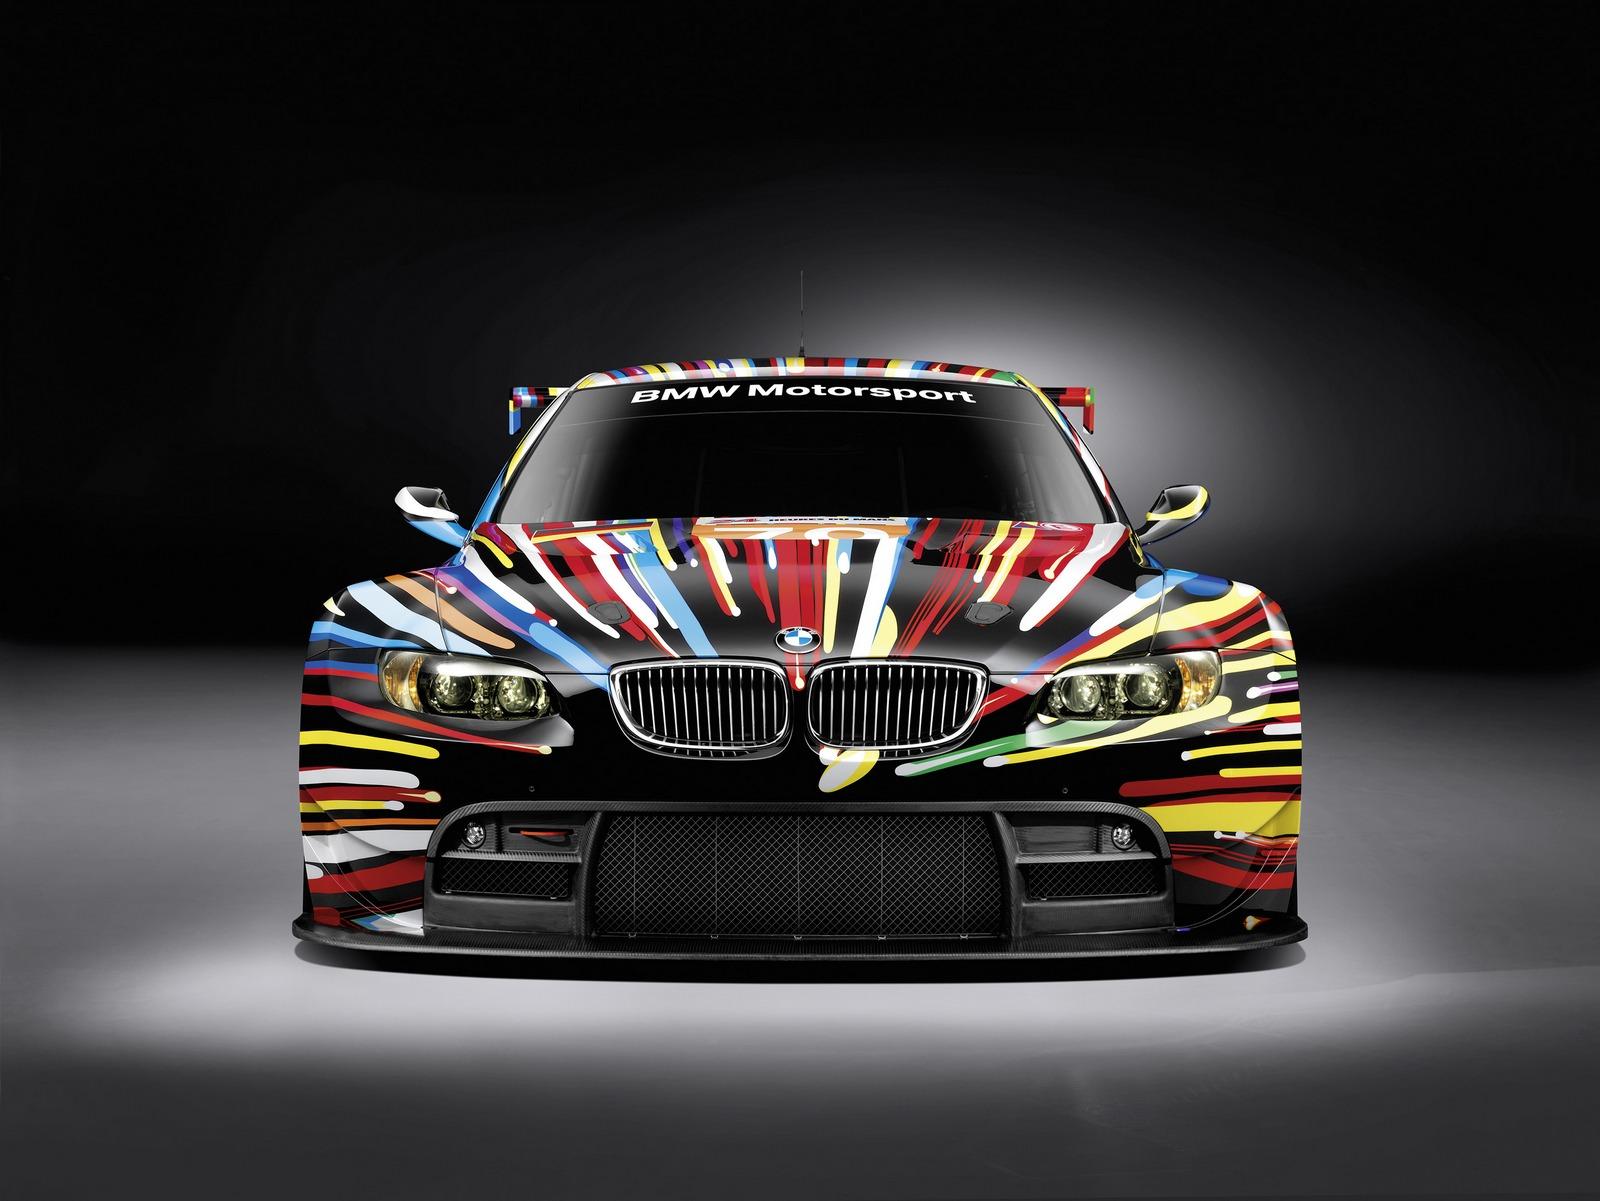 http://3.bp.blogspot.com/-Kl2zGhV4HTo/Tettf_9-waI/AAAAAAAAB_g/ZP1bCwiDuQk/s1600/bmw-m3-gt2-art-car-01.jpg